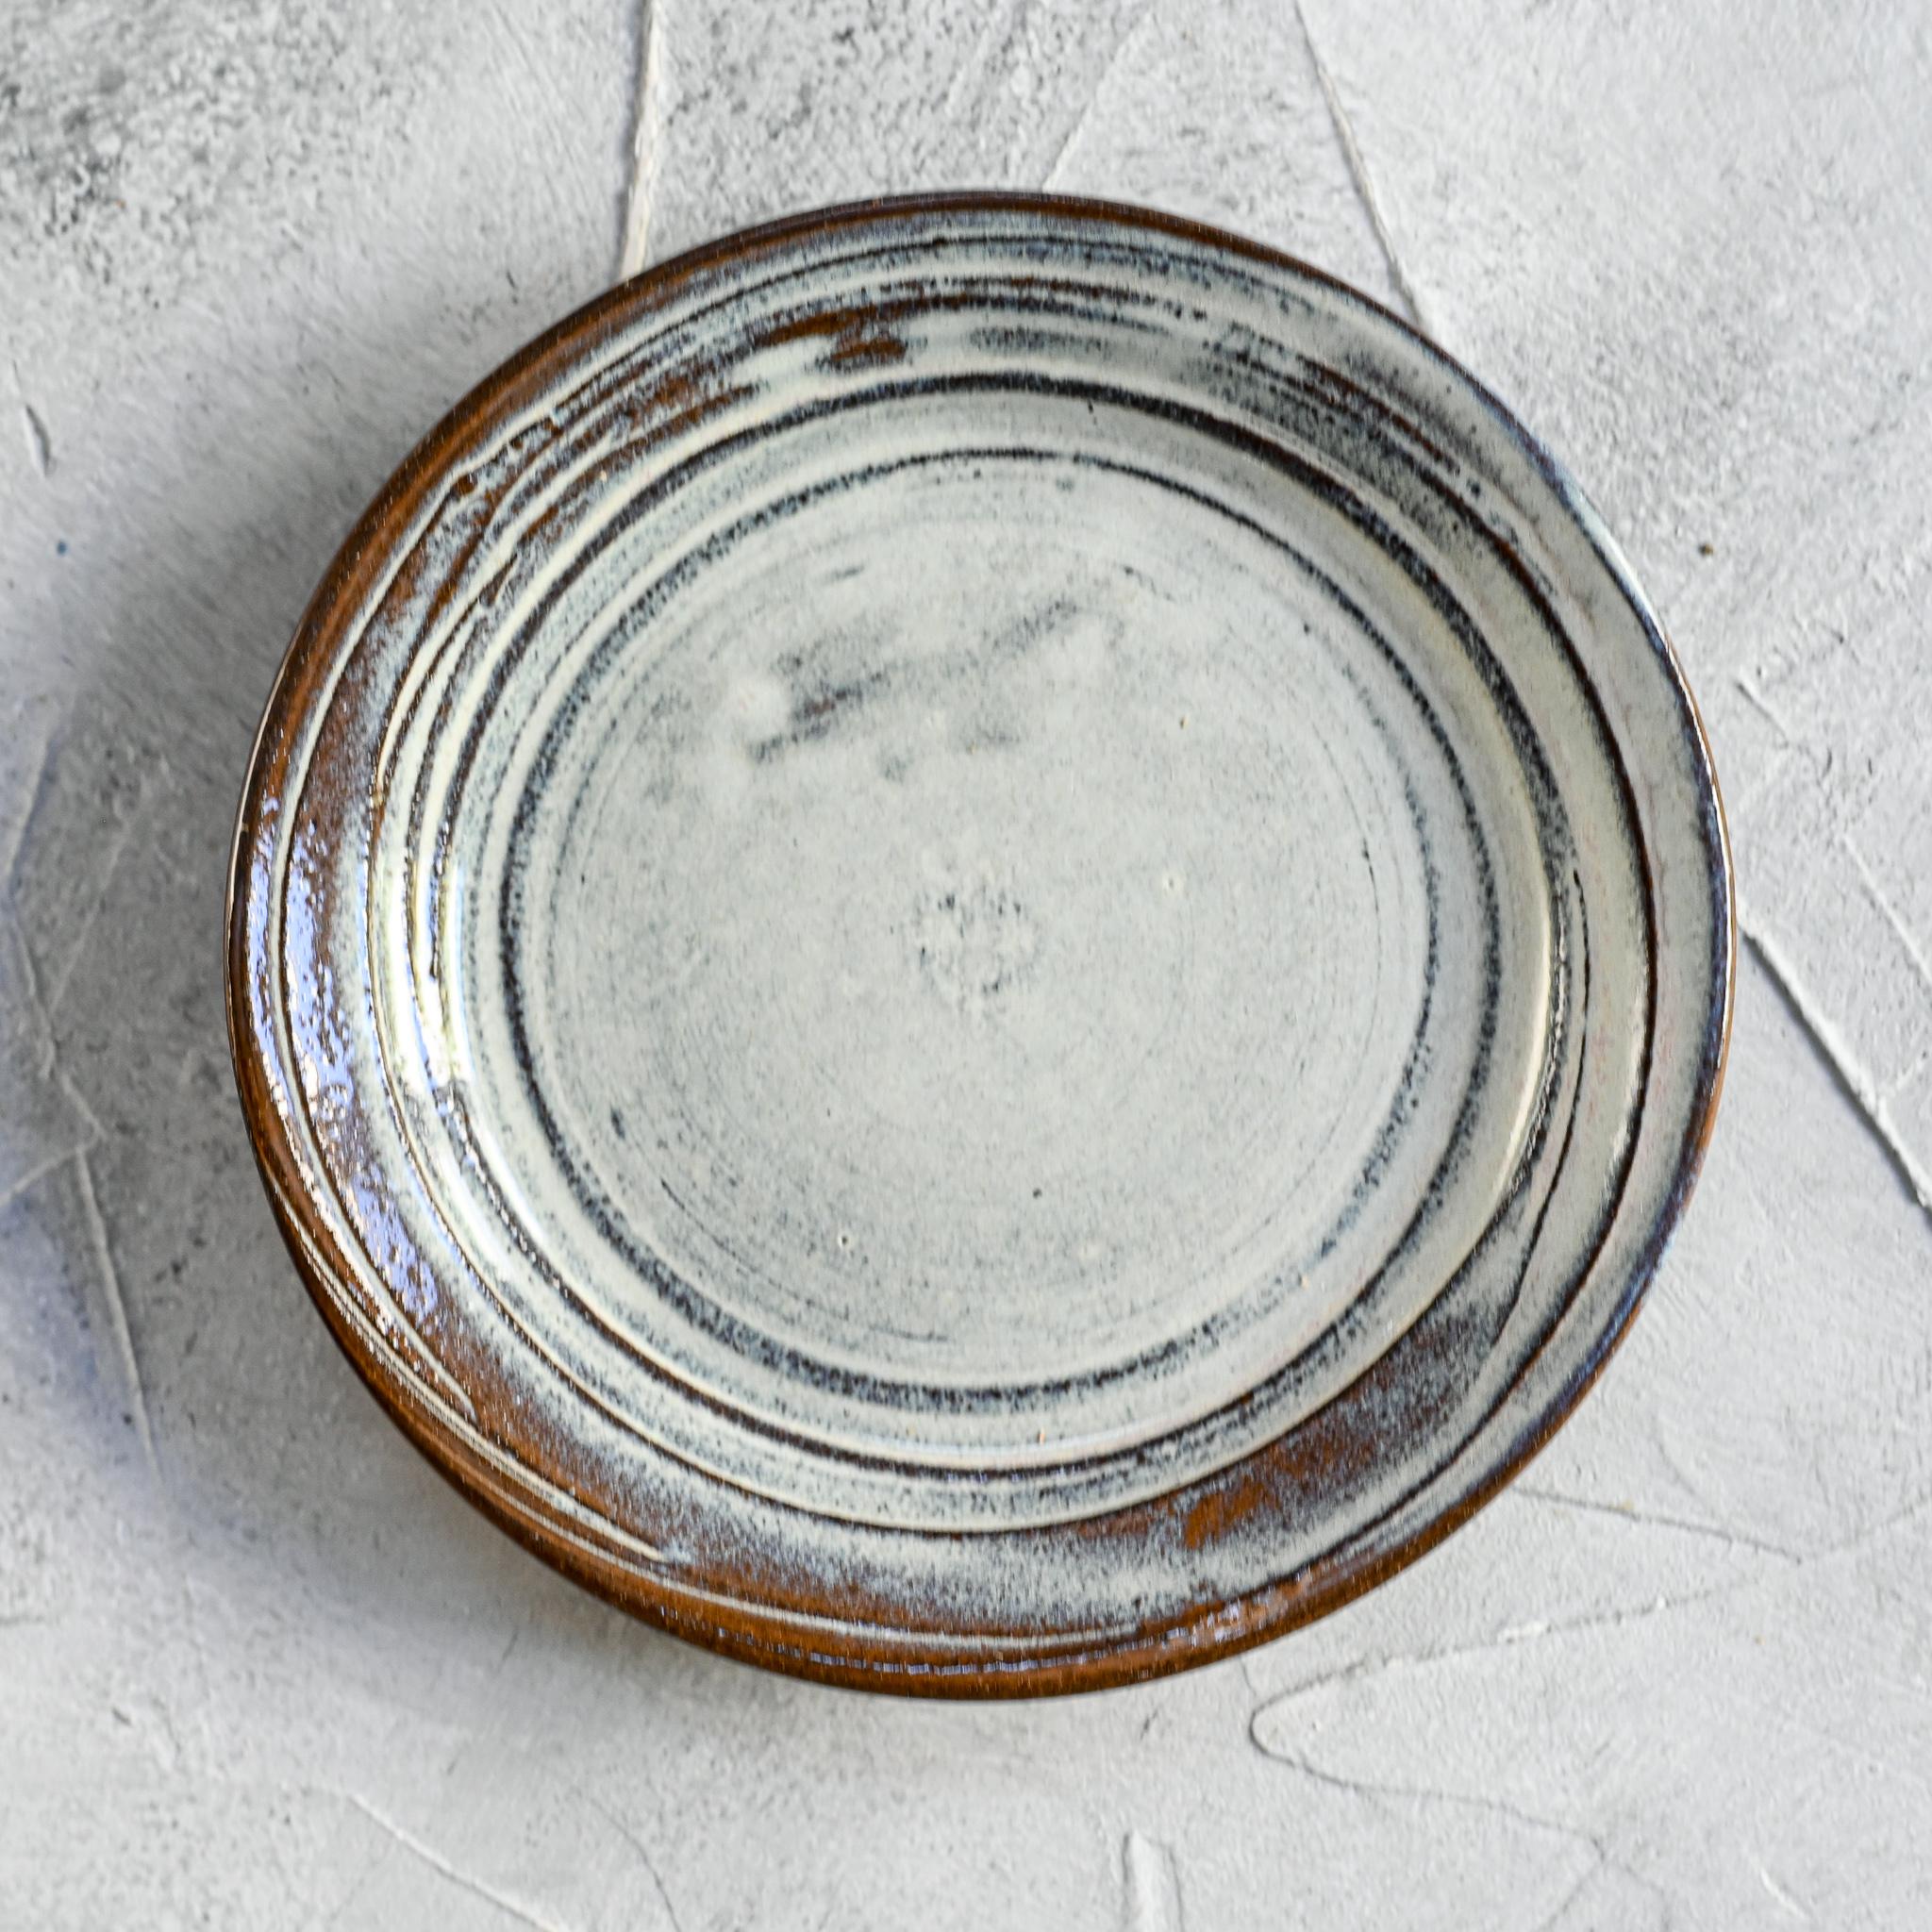 """картинка Керамическое блюдце """"Белые ночи"""" - DishWishes.Ru"""